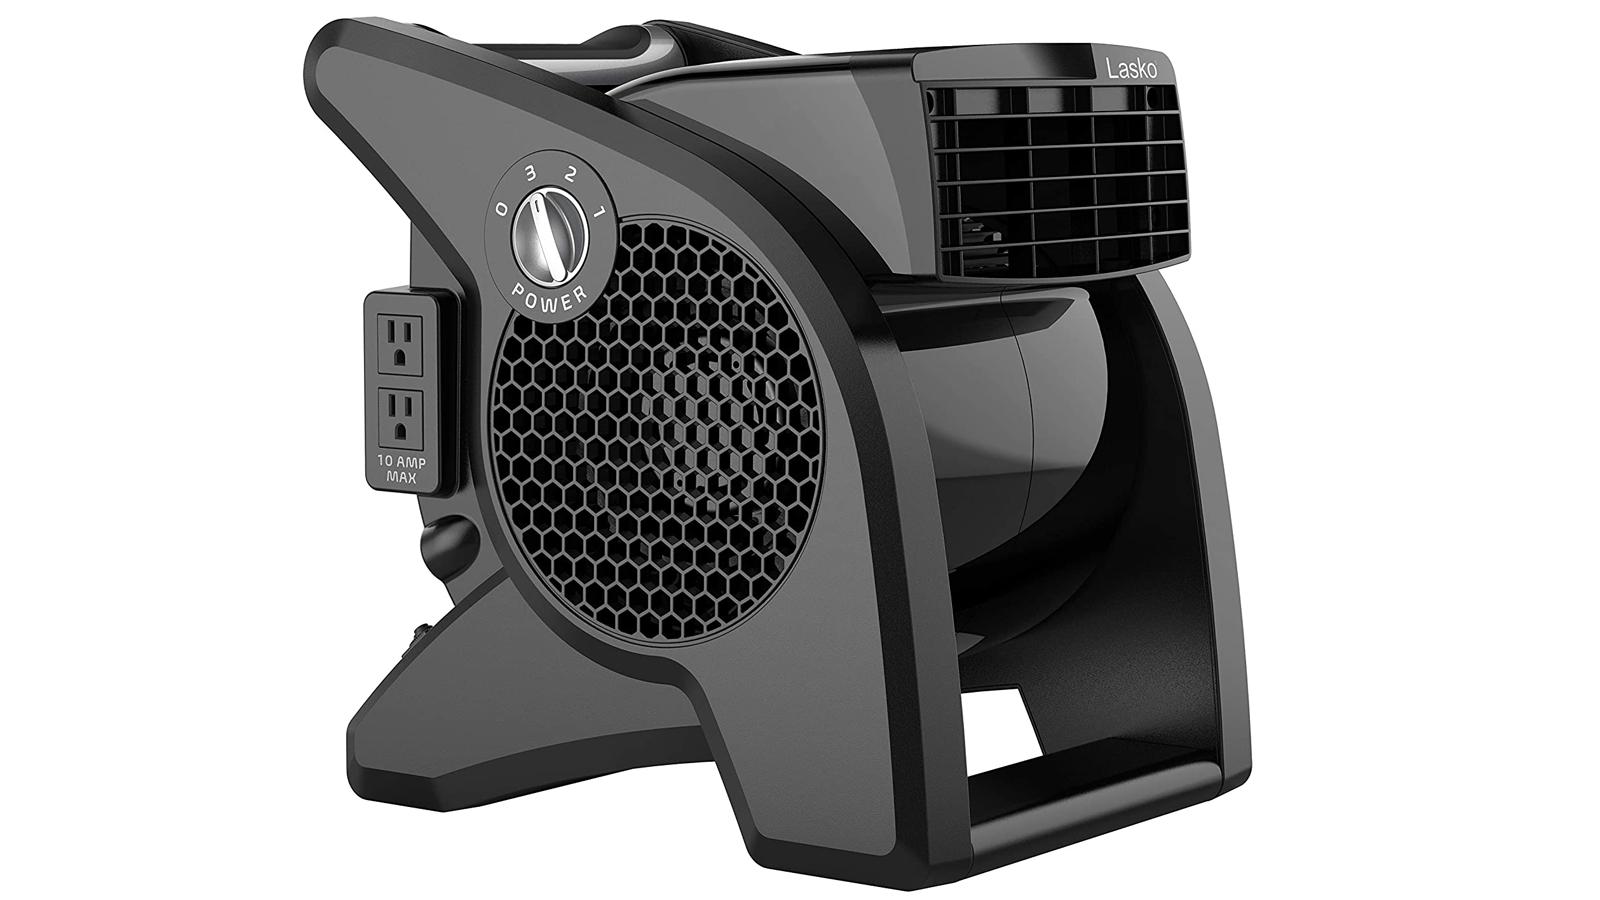 Lasko U12104 High Velocity Pro fan